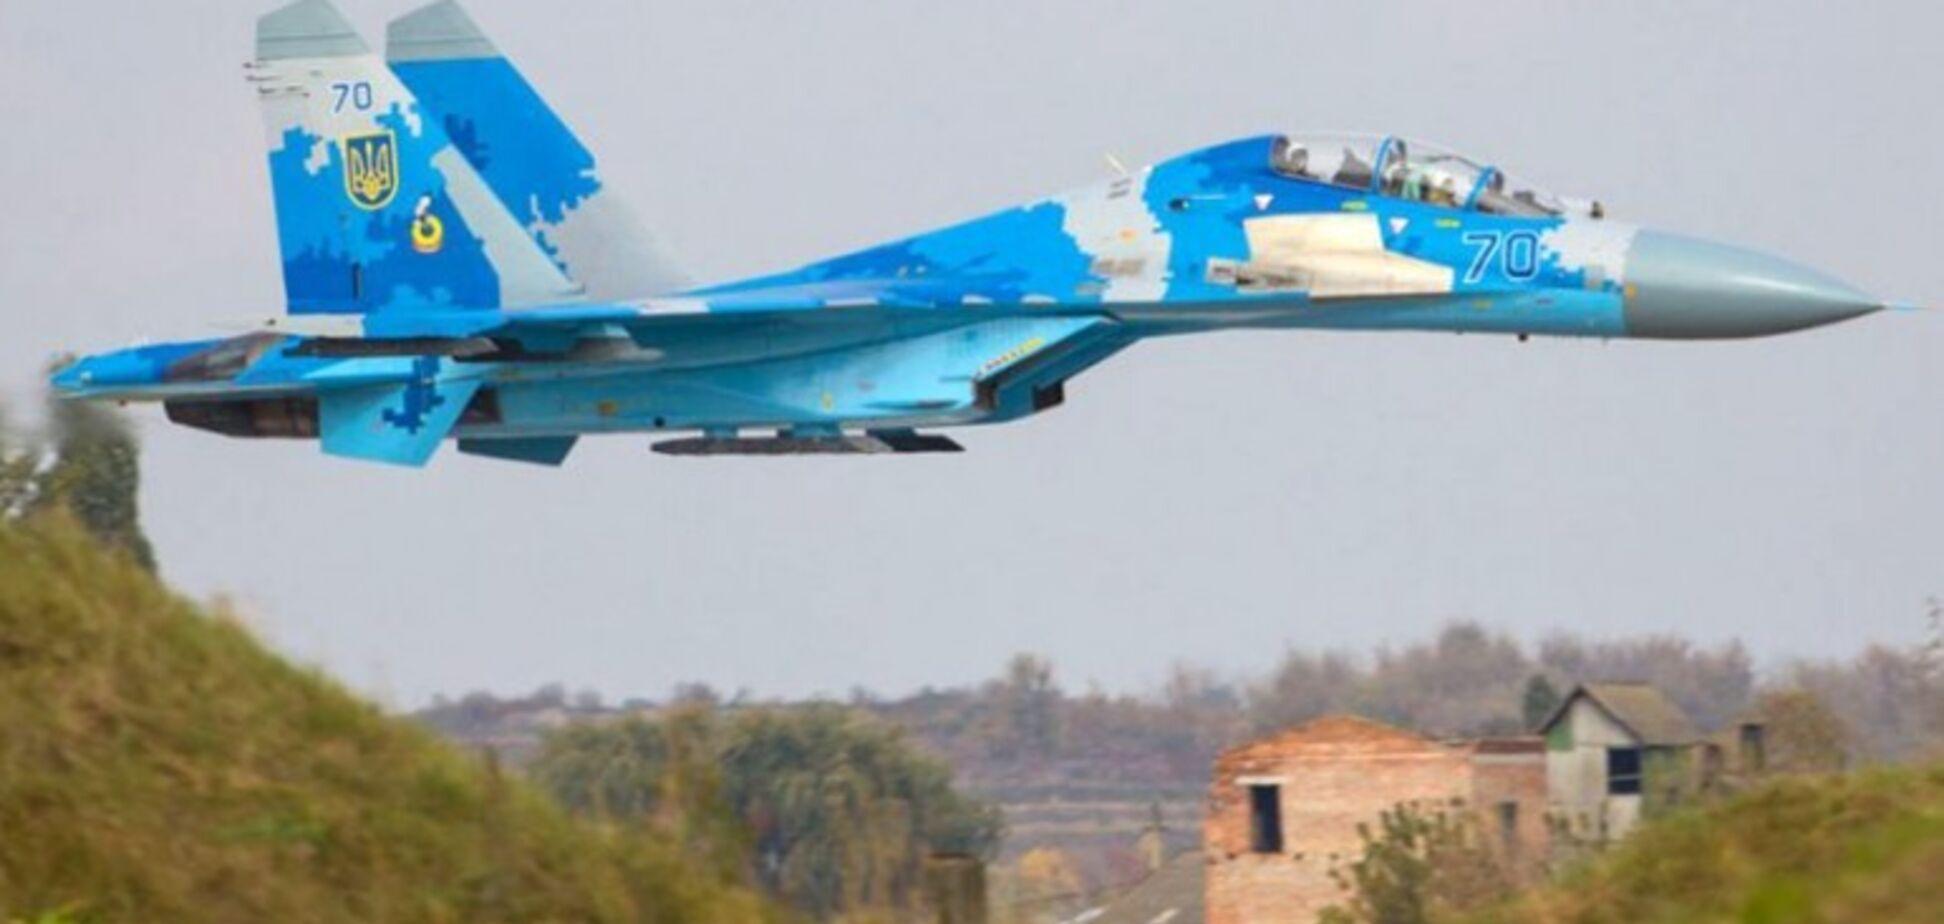 Катастрофа Су-27. Почему пилоты истребителя не катапультировались